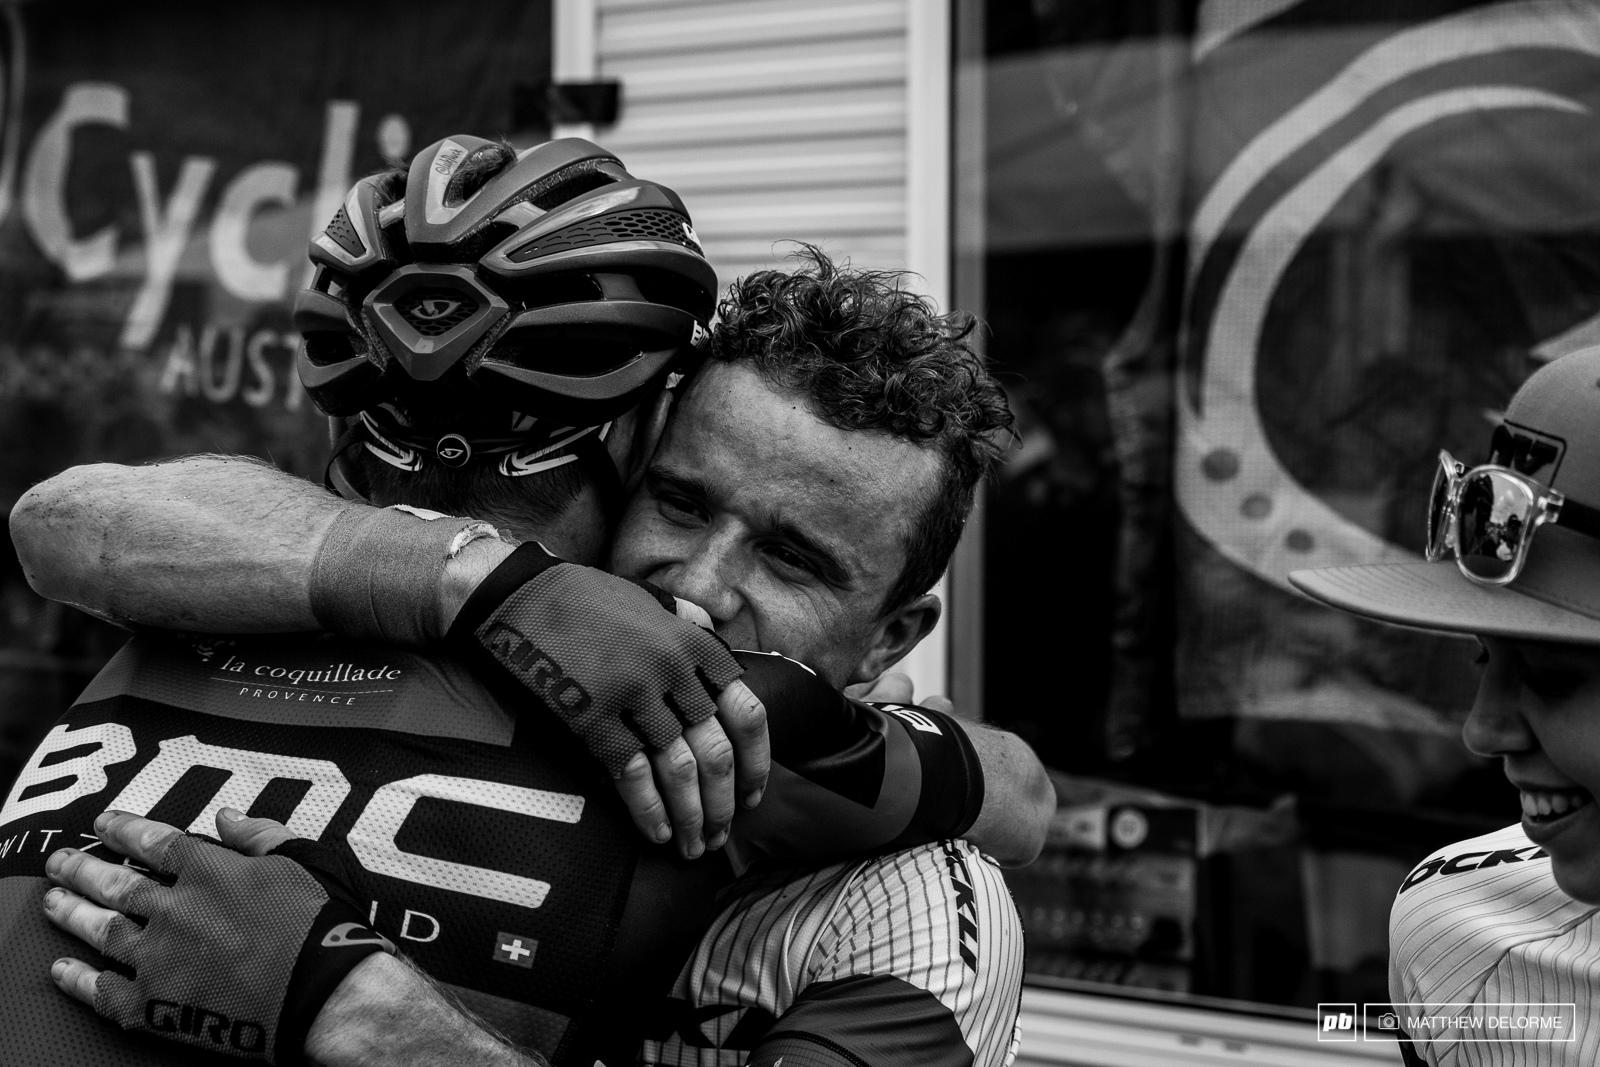 Lukas Fluckiger congratulates brother Mathias on a race well ridden.